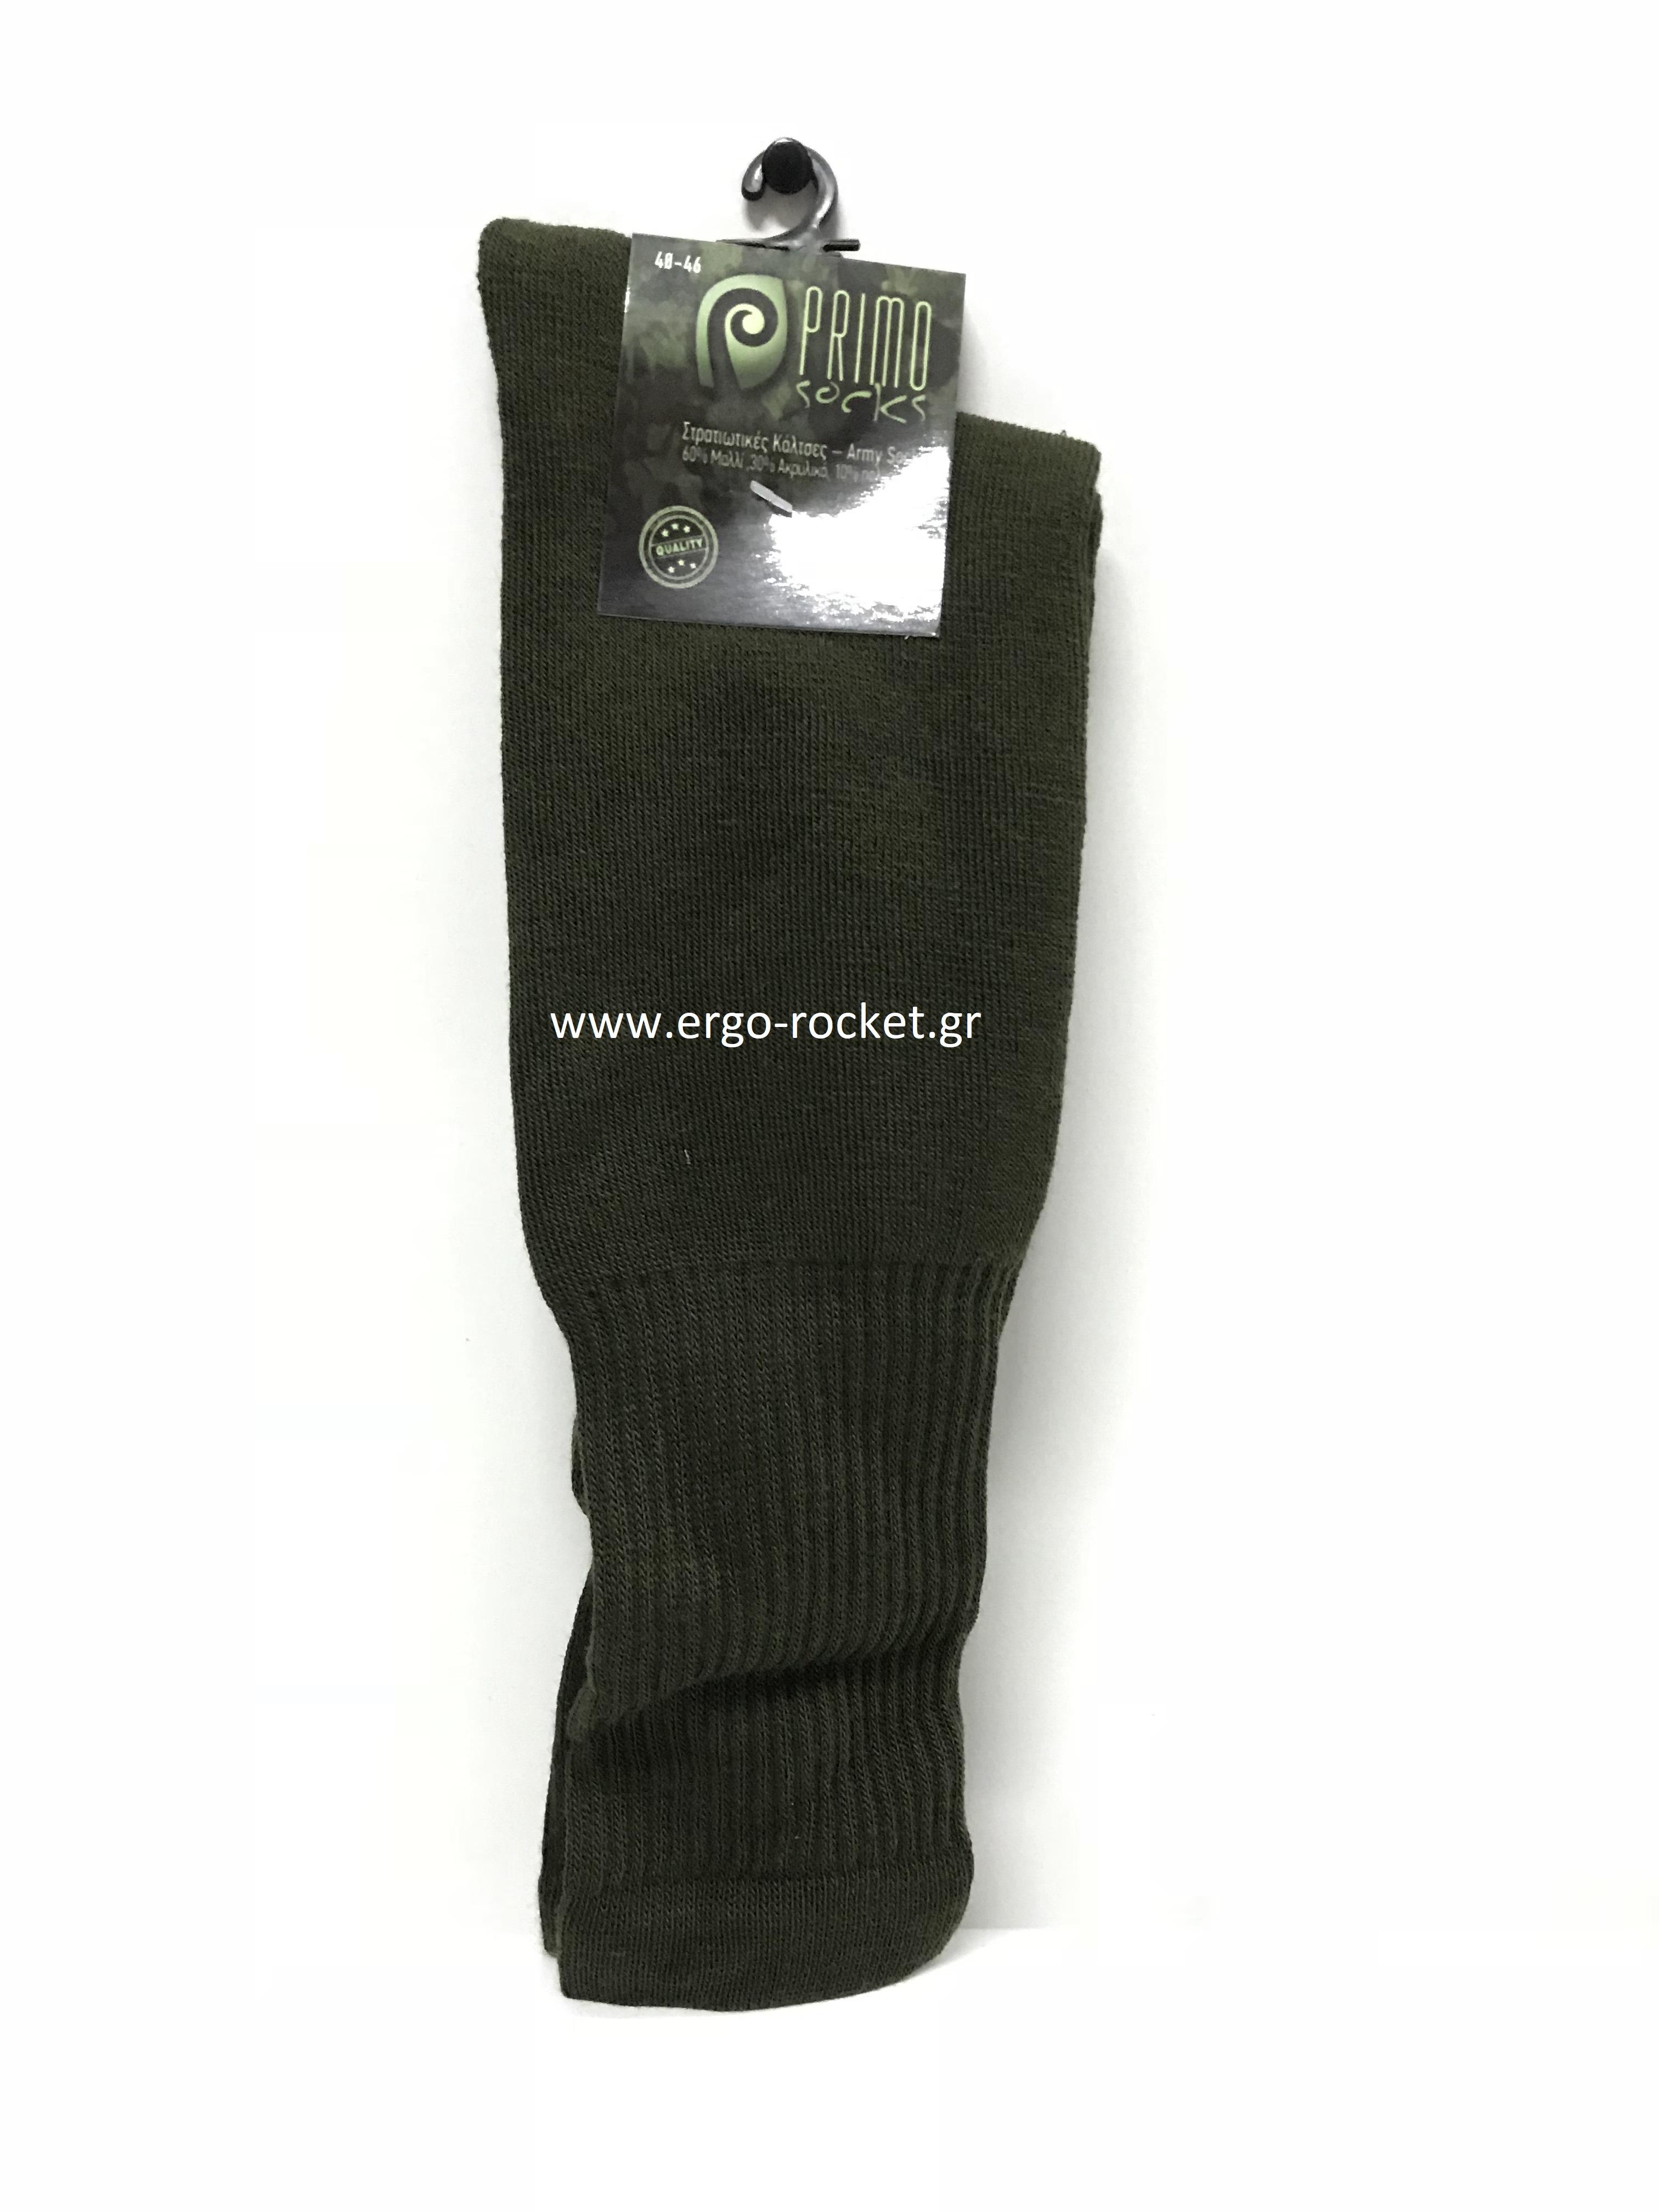 Στρατιωτική Κάλτσα Primo - Παντελόνια Φόρμες Εργασίας - Παπούτσια ... 7fbd48c478e